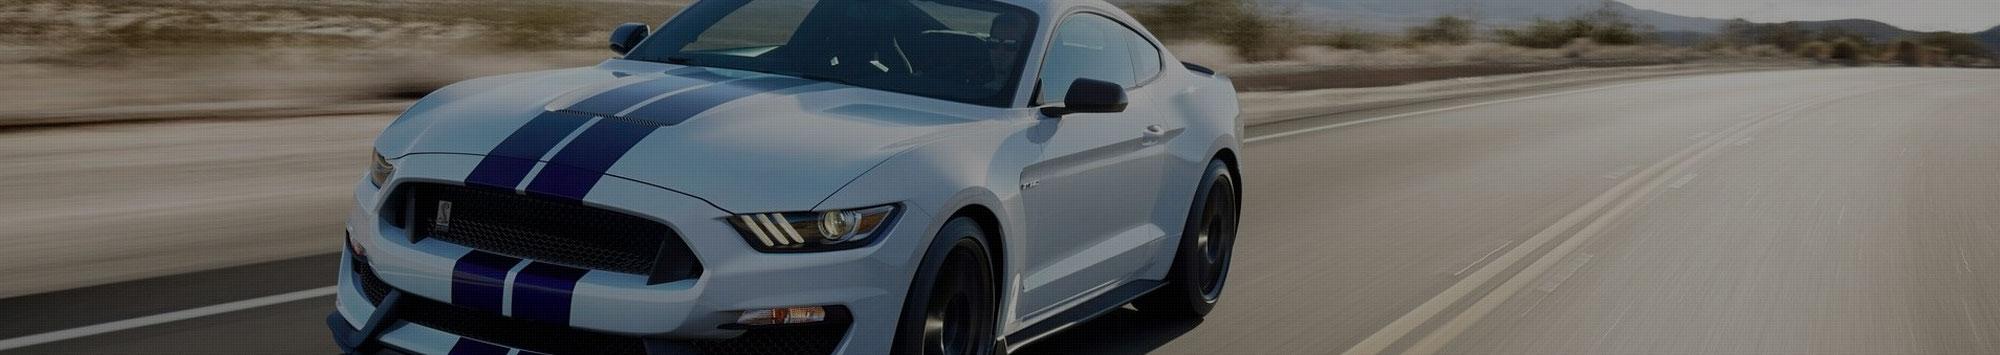 Cars To Go - Used Cars - Sacramento CA Dealer